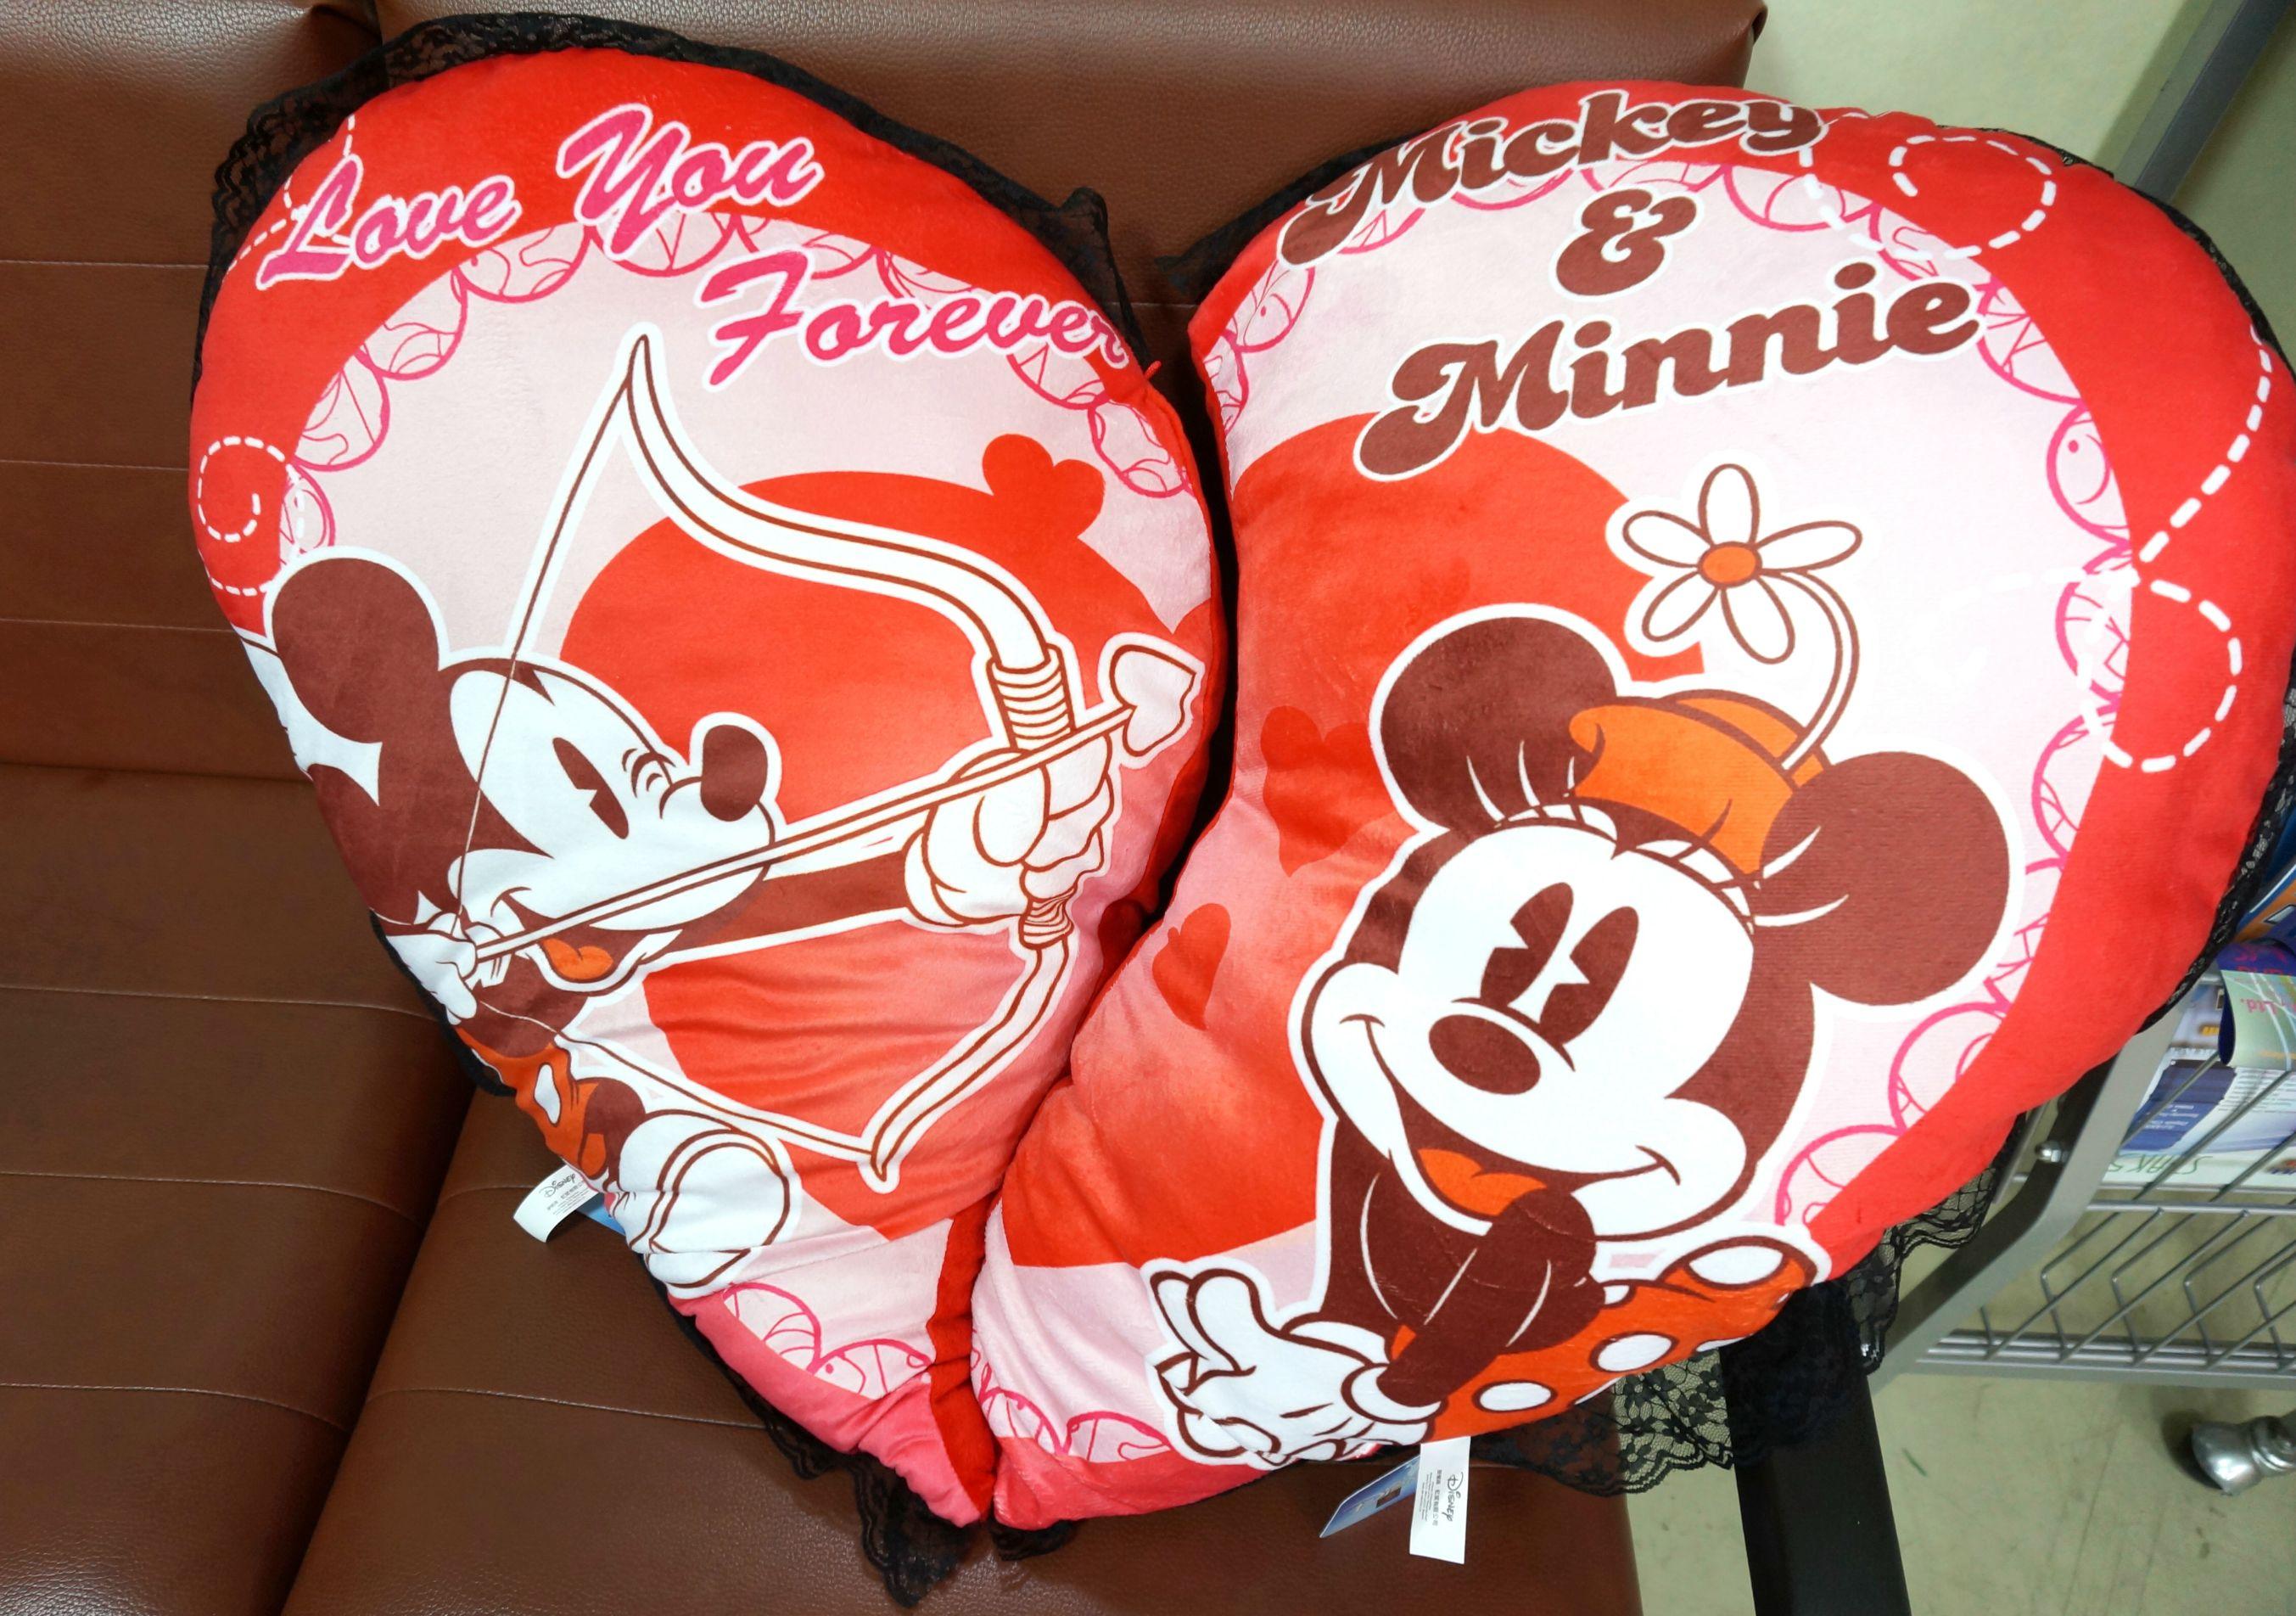 UNIPRO 迪士尼 米奇 米妮 大愛心抱枕 絨毛 情人枕 Love you forever 情人節禮物 小 Mickey Minnie